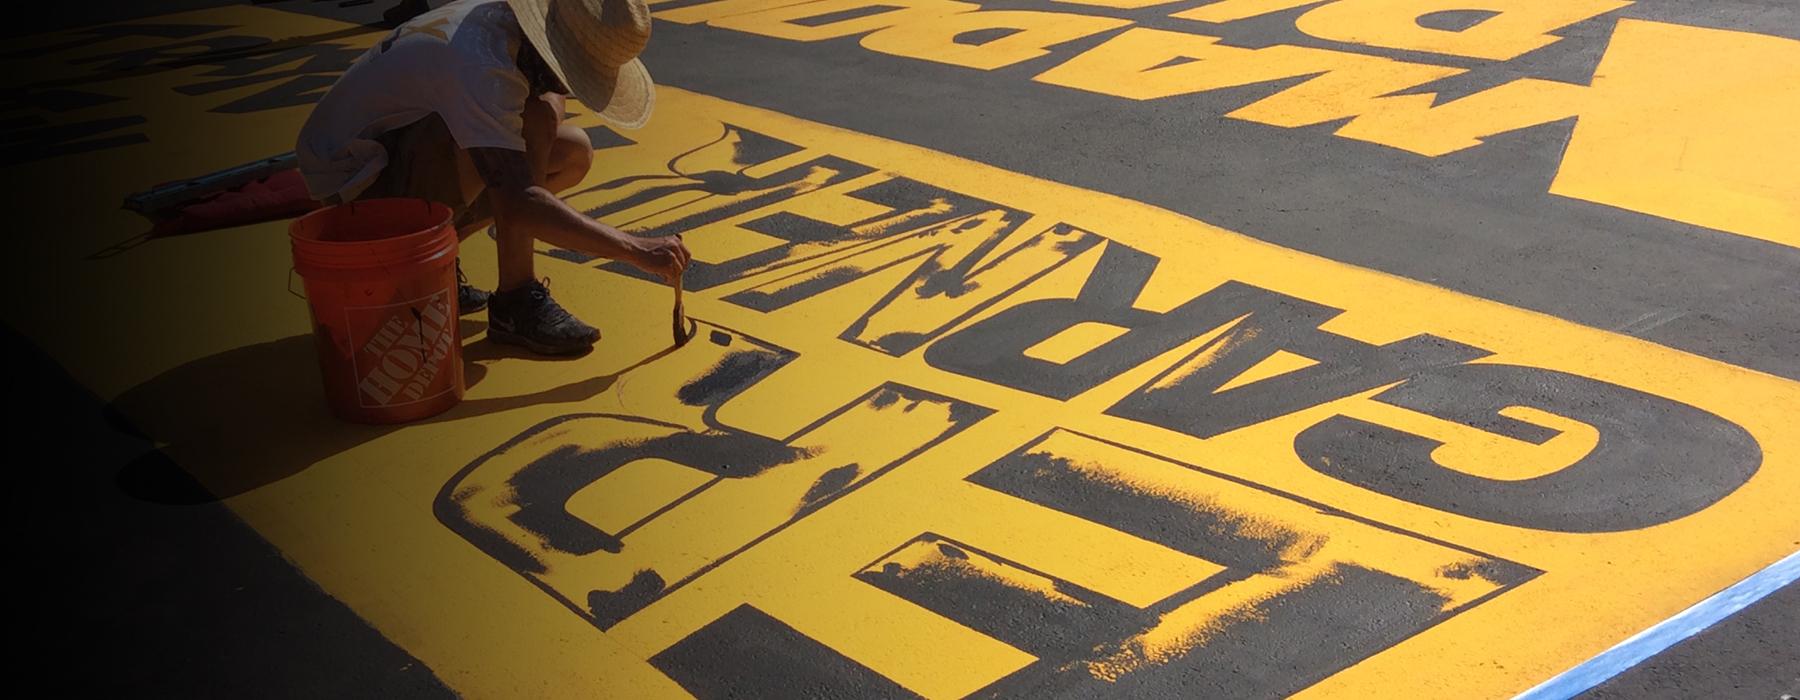 BLM mural slider